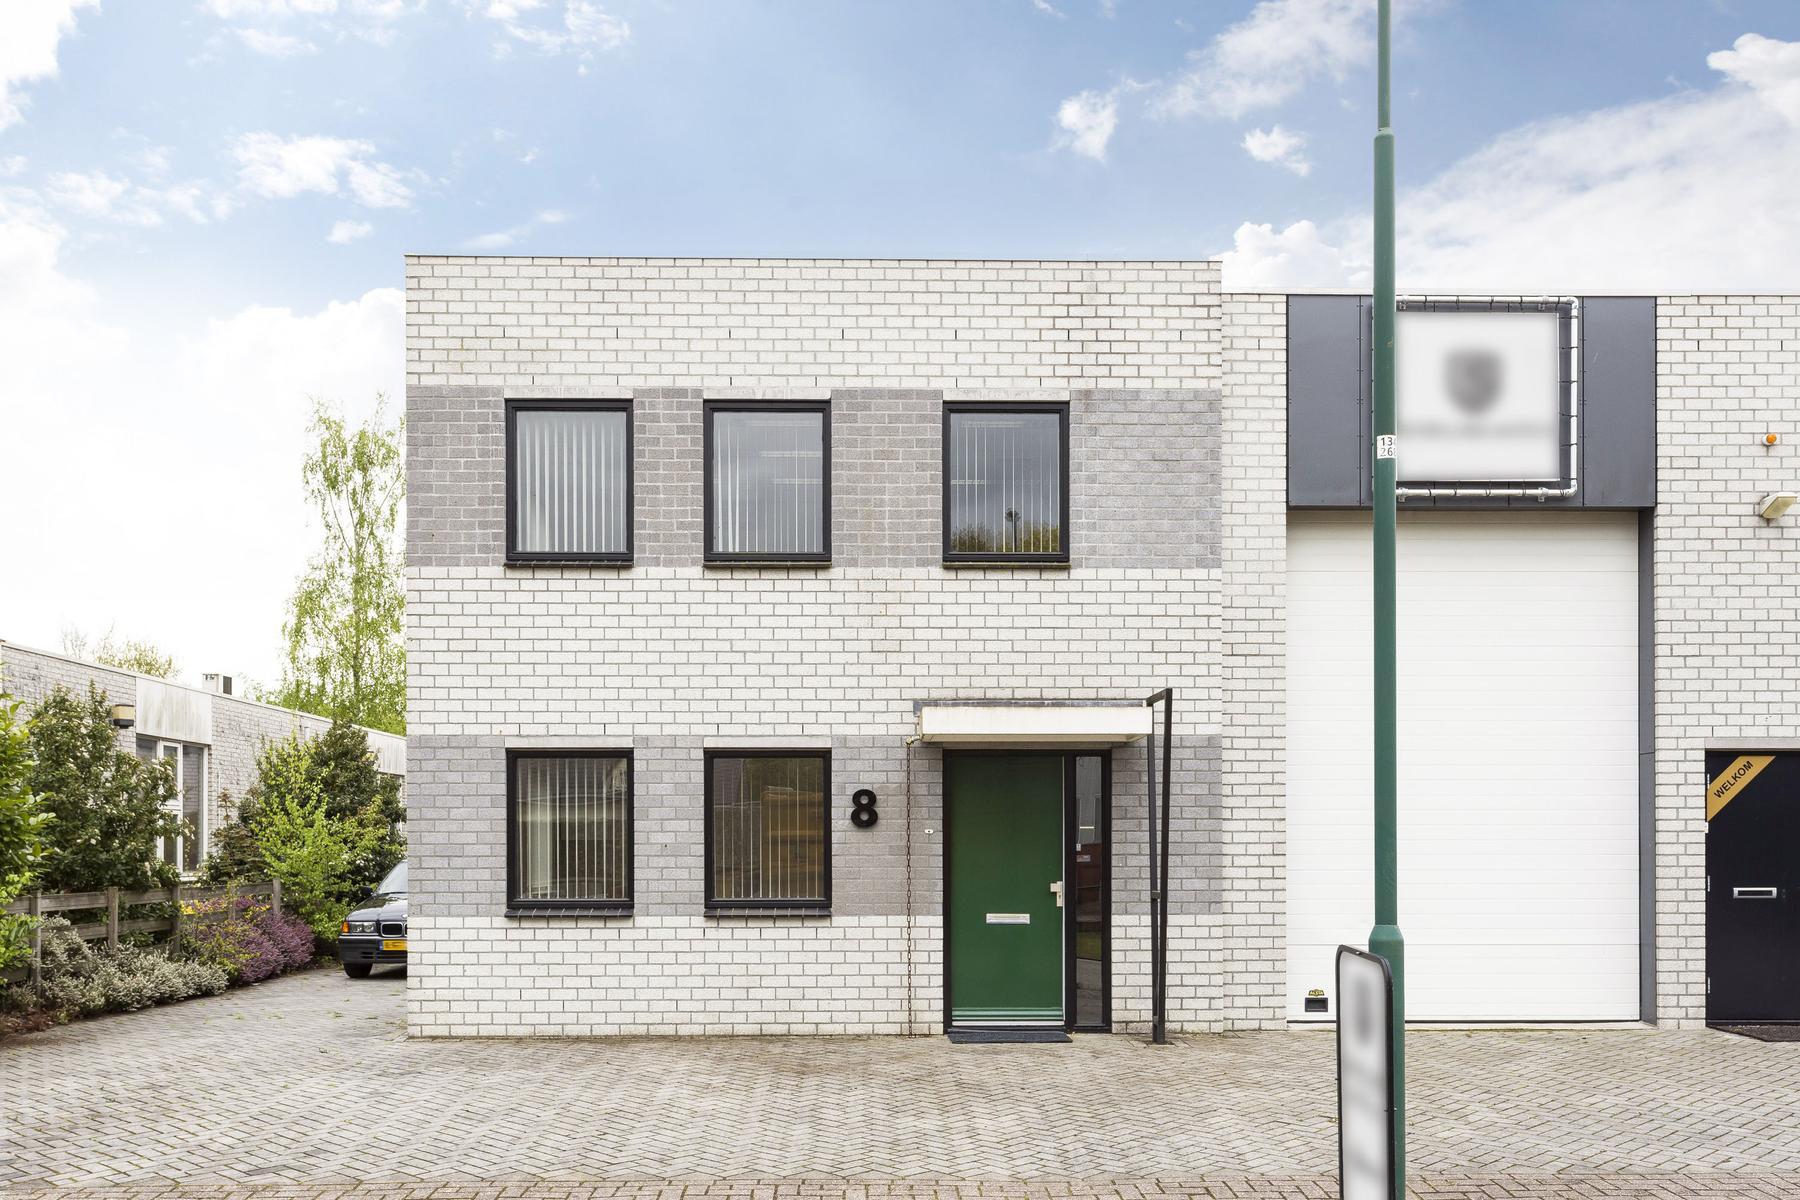 Kantoorruimte te huur vanaf 113 m². Het totale pand heeft een oppervlakte van 717 m²